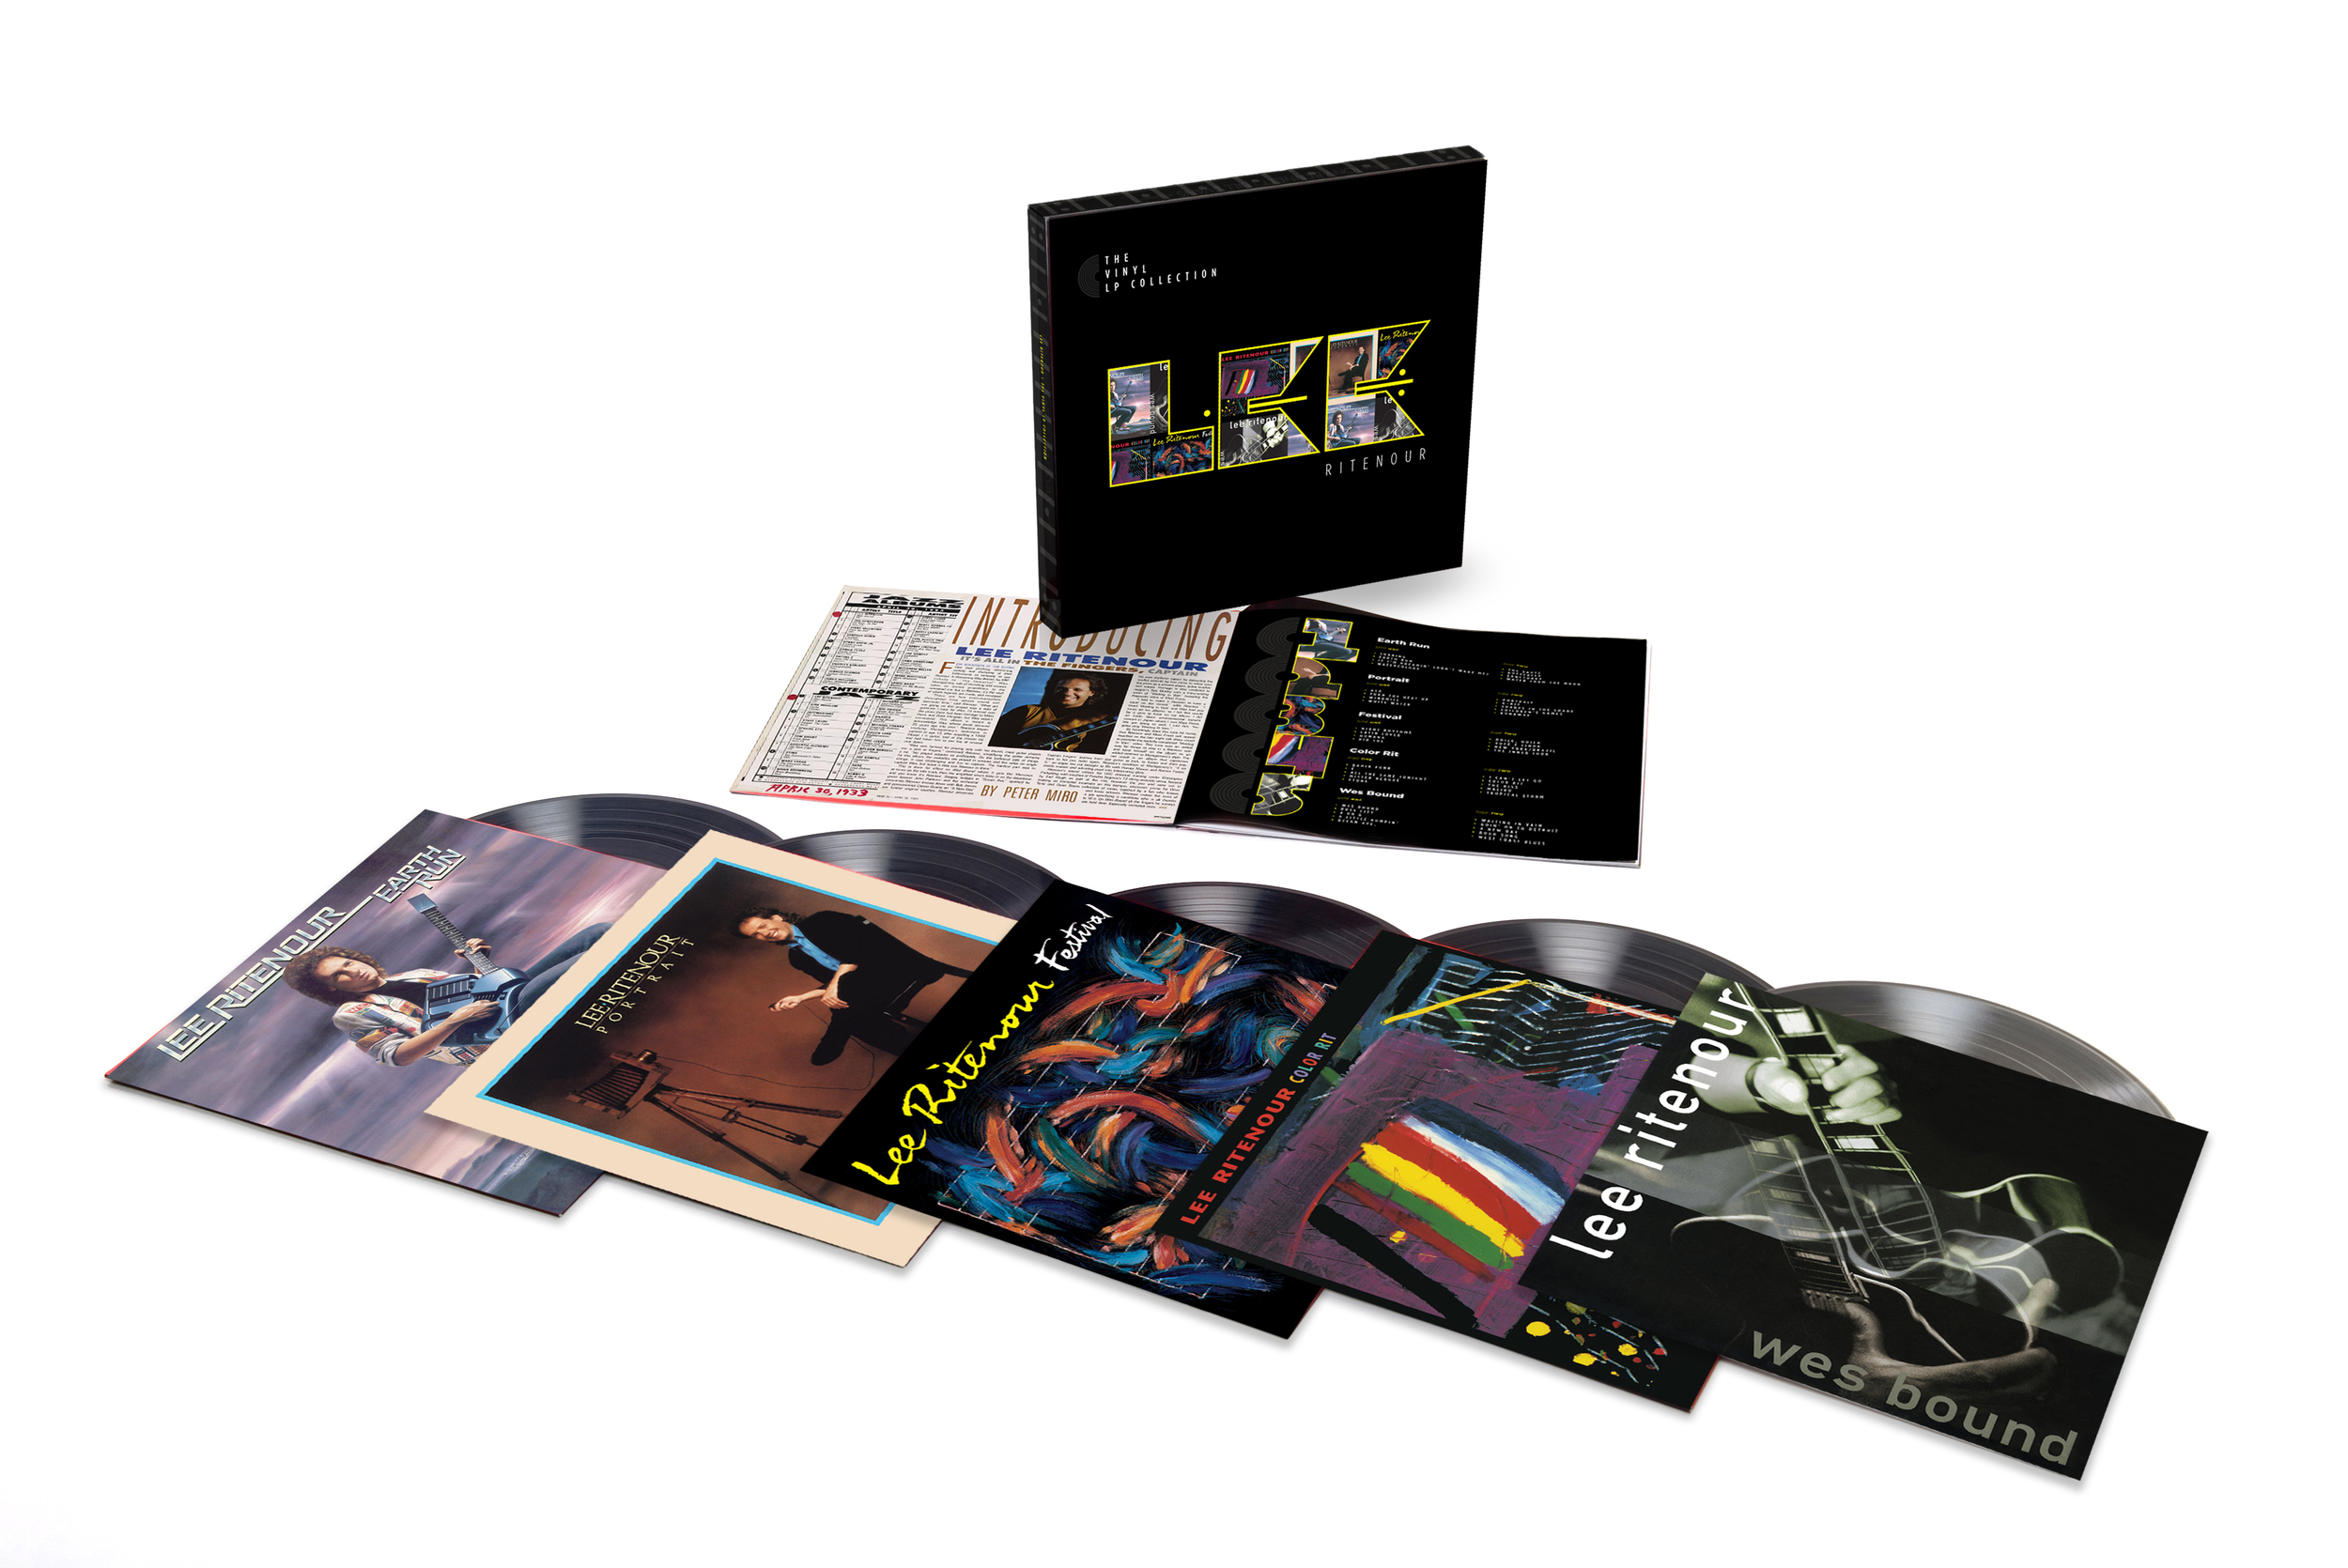 Lee Ritenour -  The Vinyl LP Collection